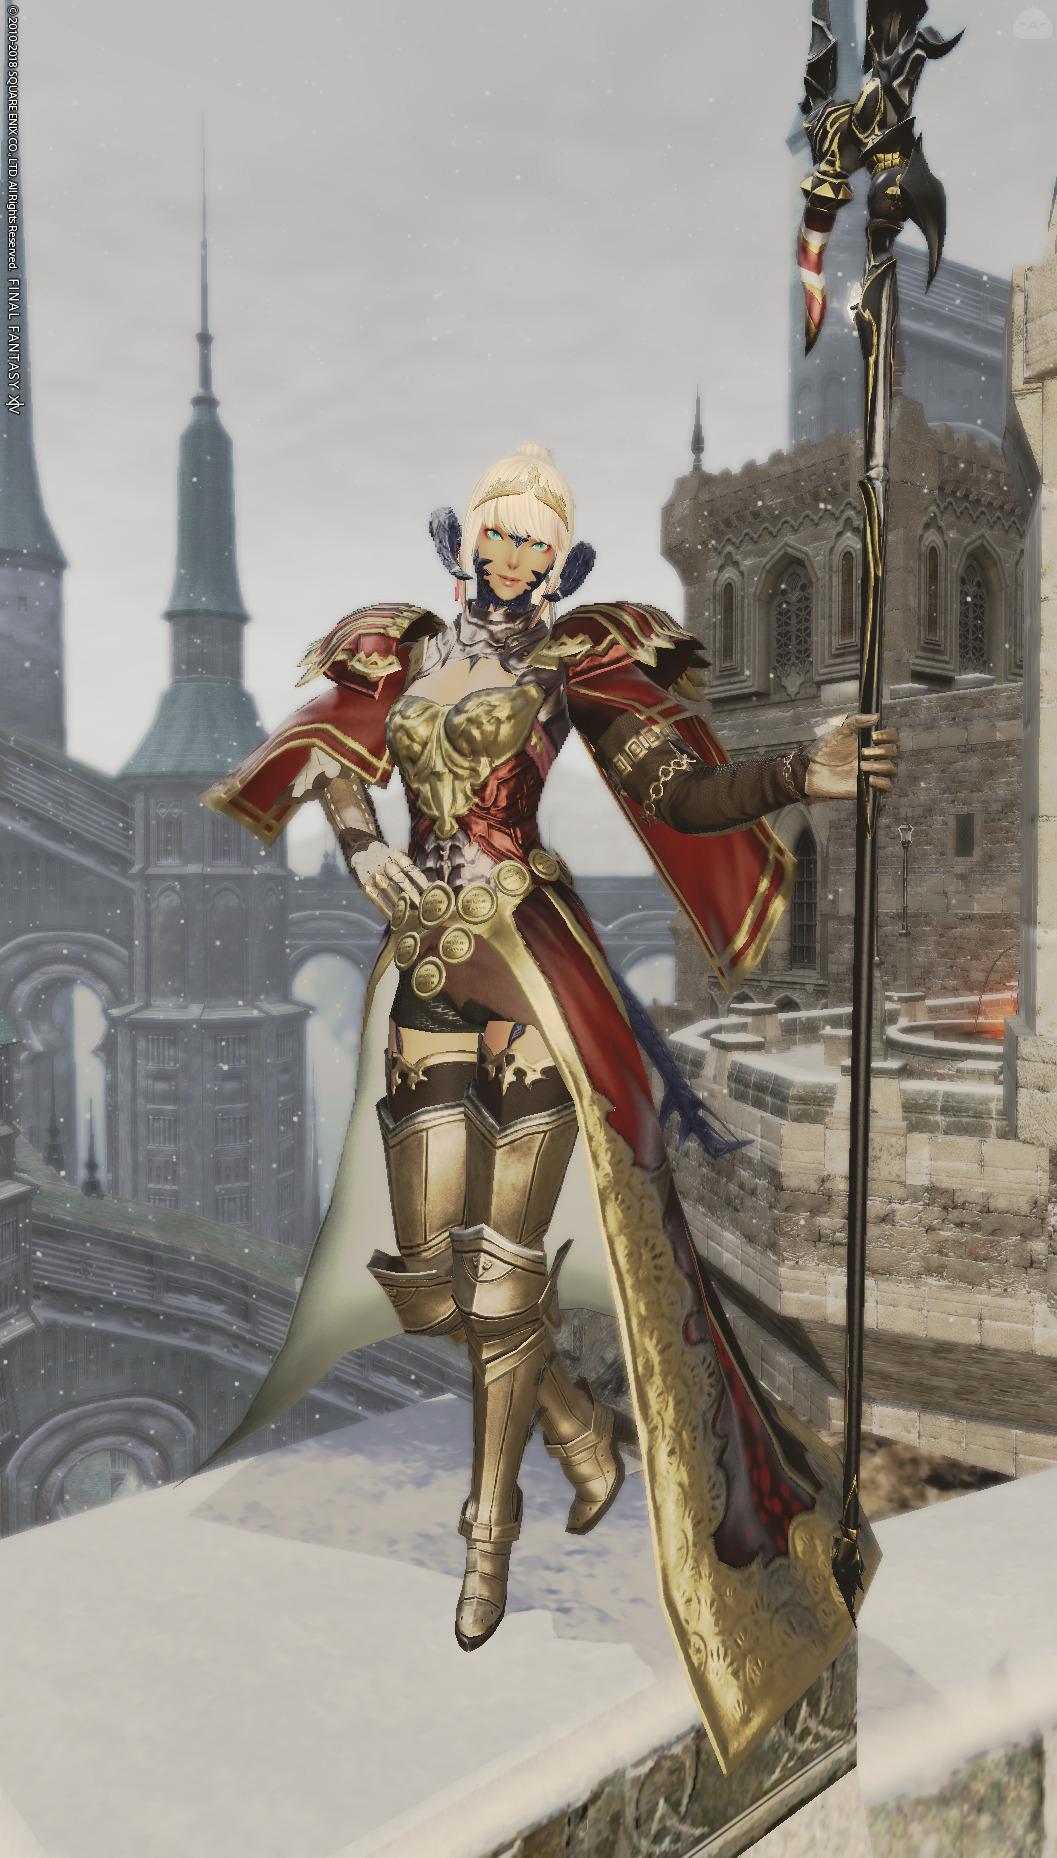 皇都を守る竜騎士